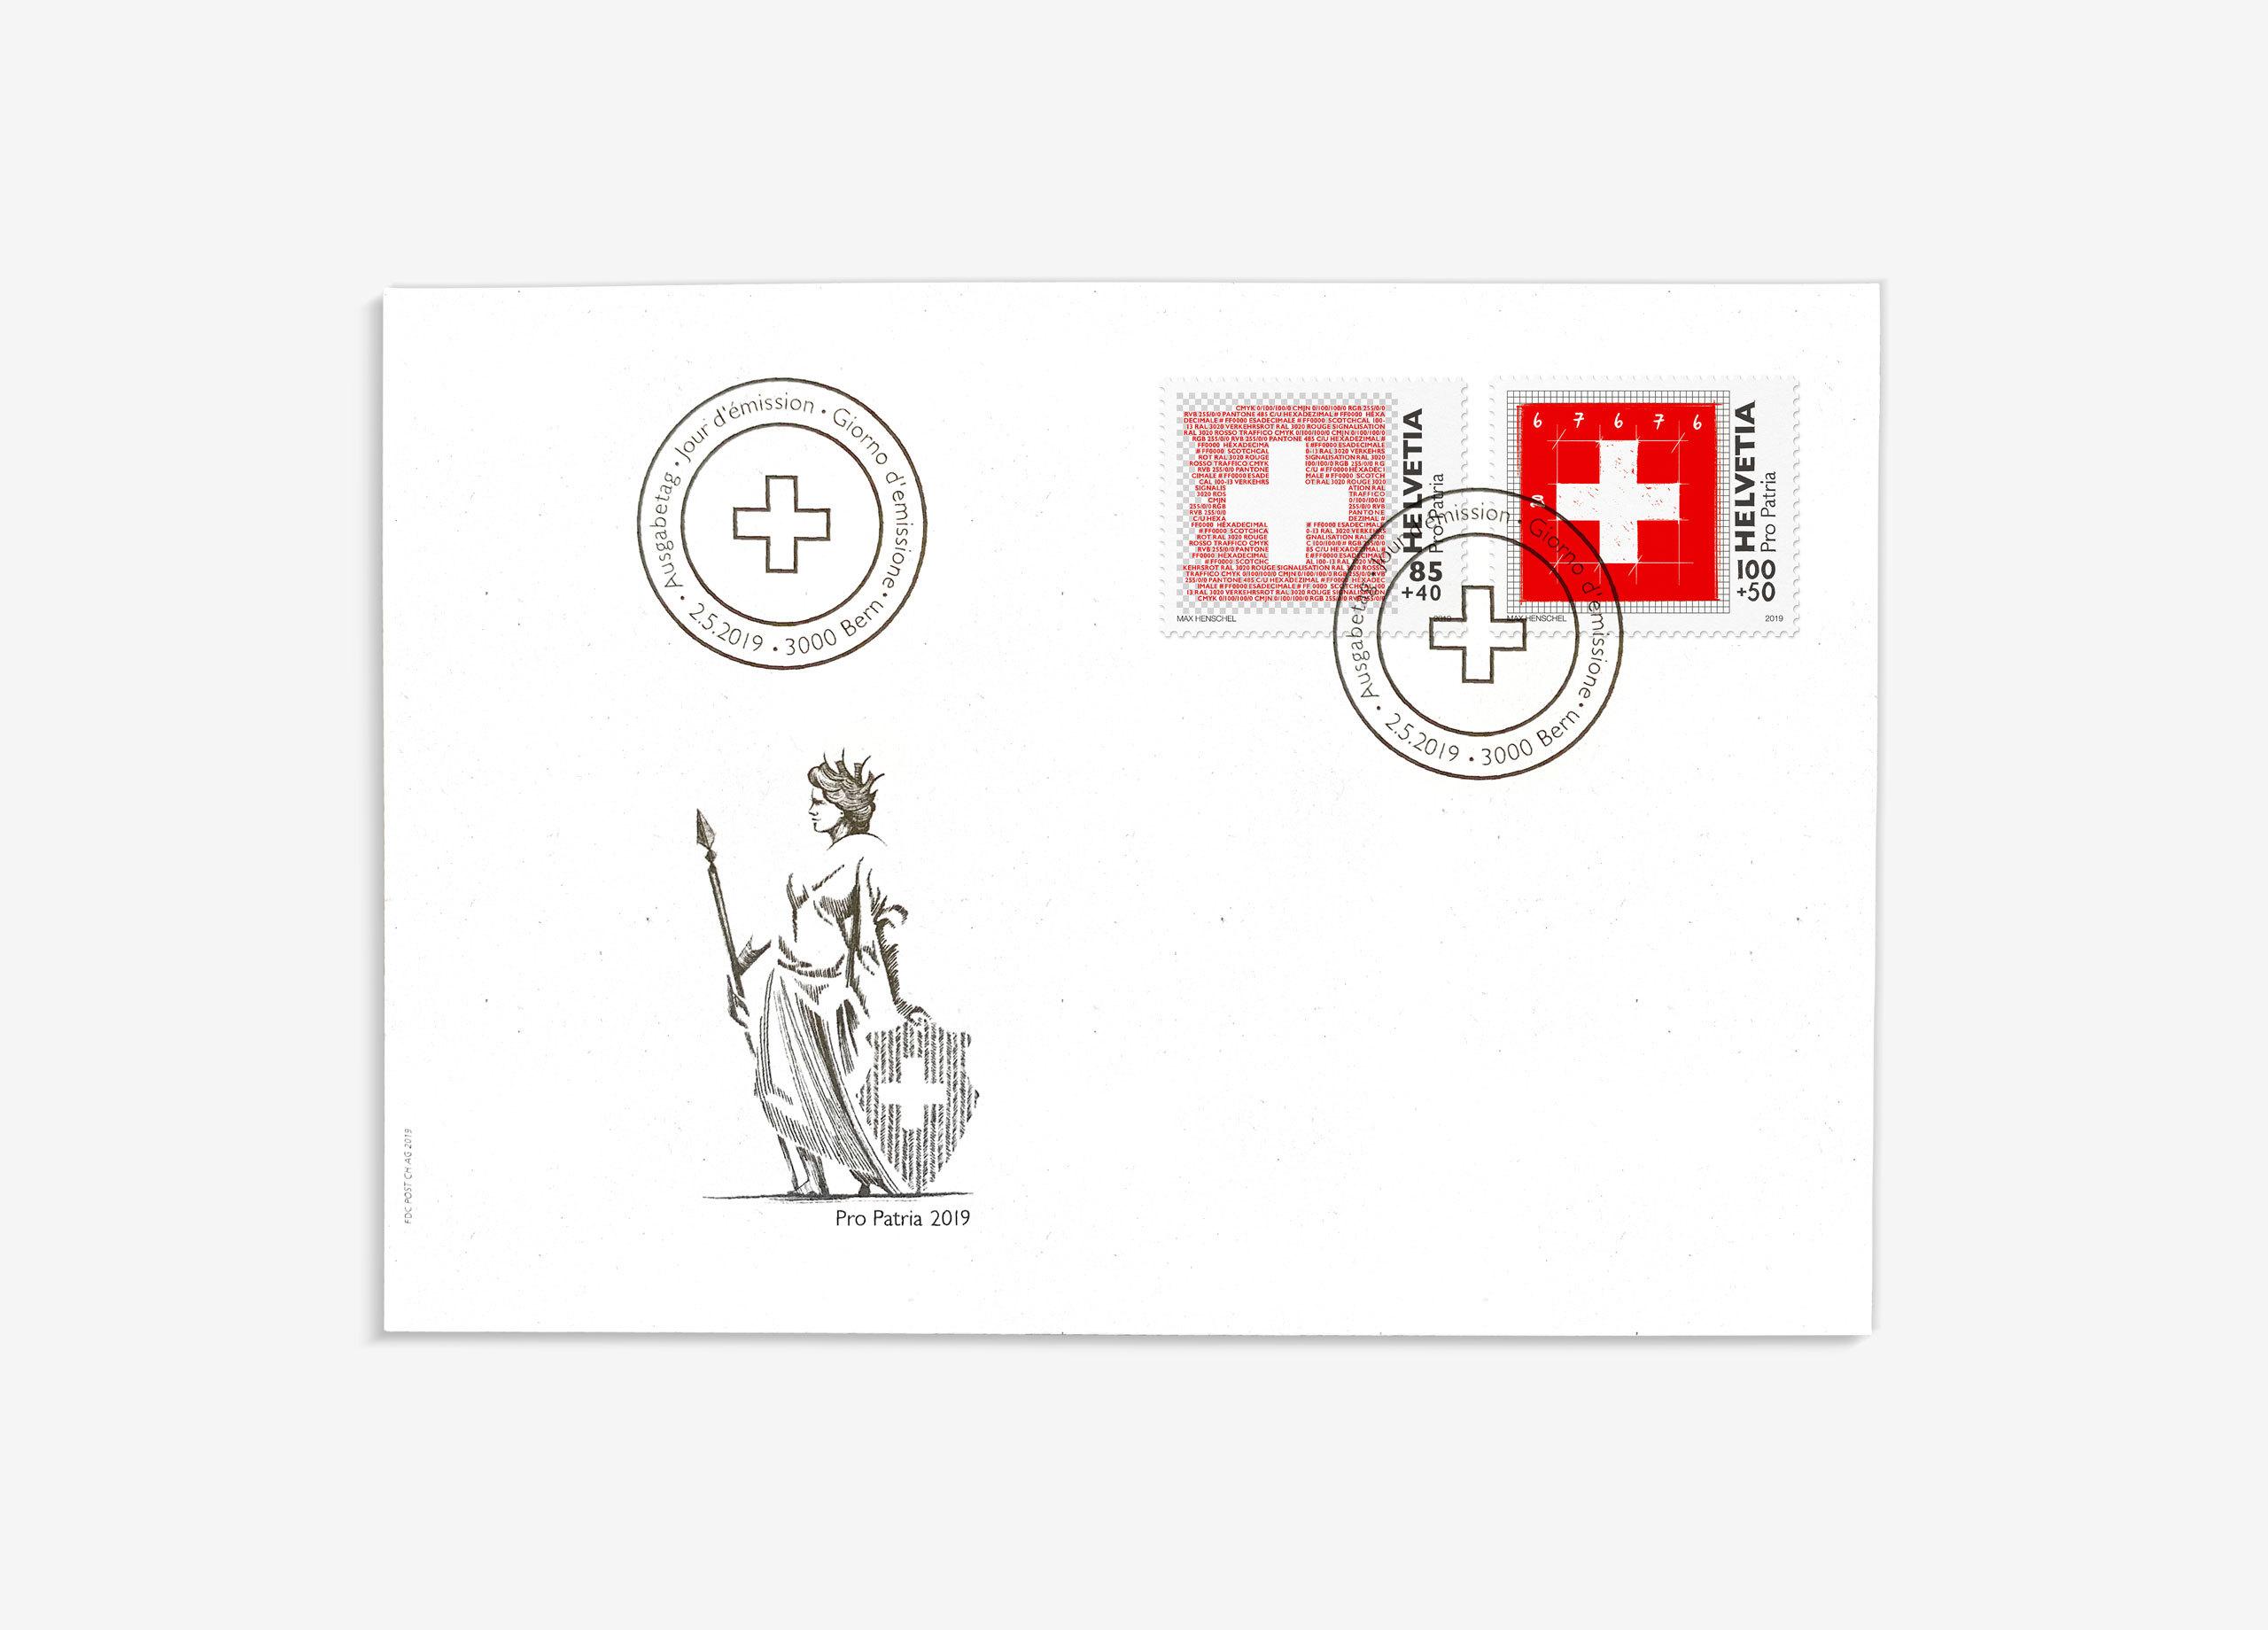 Propatria Briefmarke Schweizer Flagge 05 01 MHG Bern